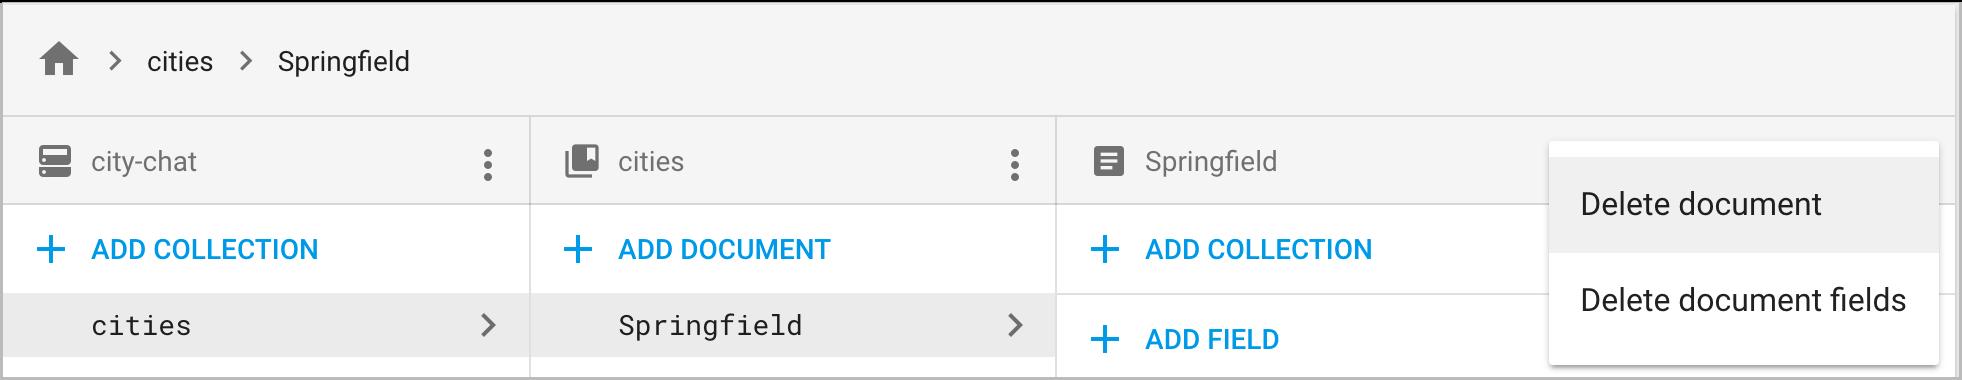 """从文档详细信息列的上下文菜单中点击""""删除文档""""或""""删除文档字段"""""""